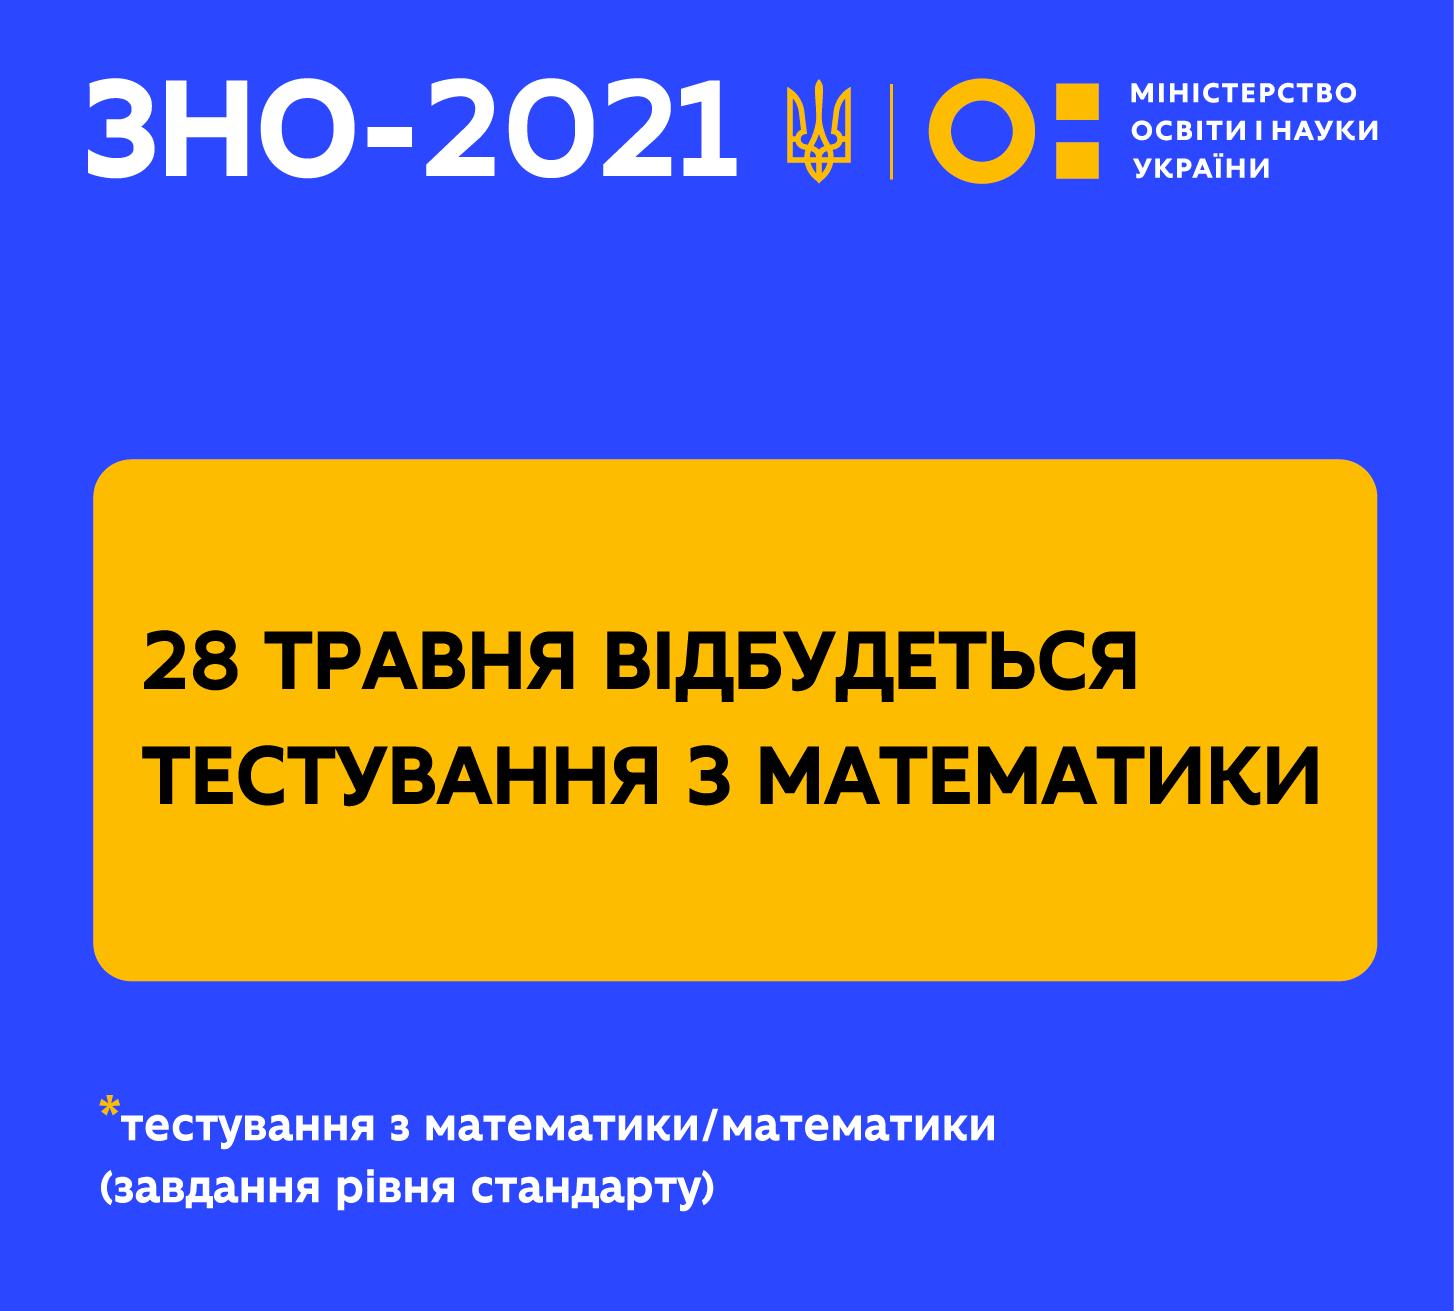 28 травня відбудеться ЗНО з математики